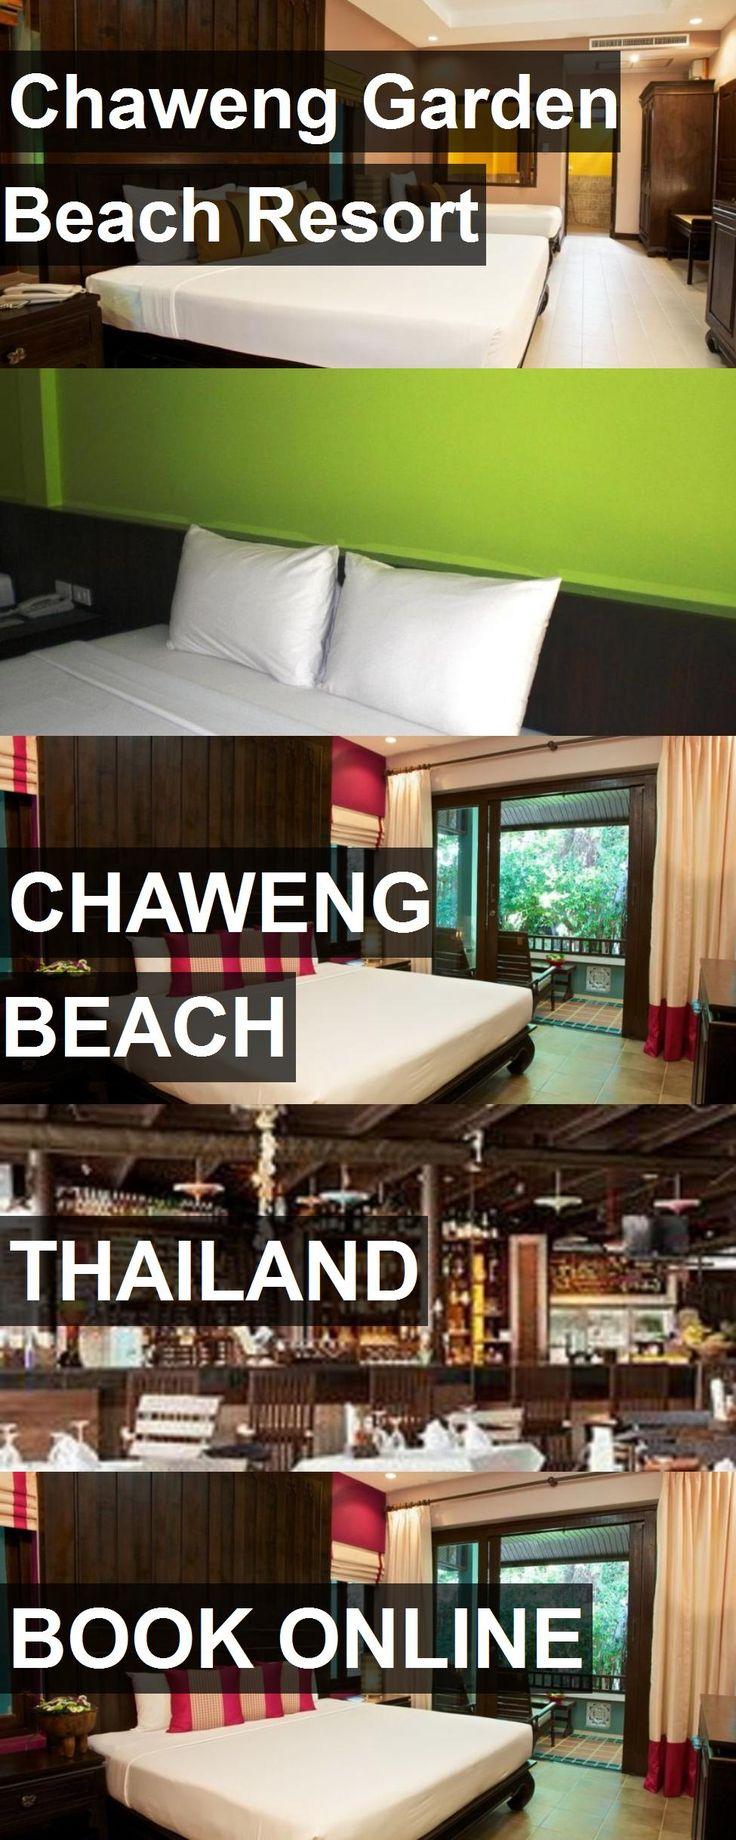 Les 25 meilleures idées de la catégorie Chaweng garden beach ...